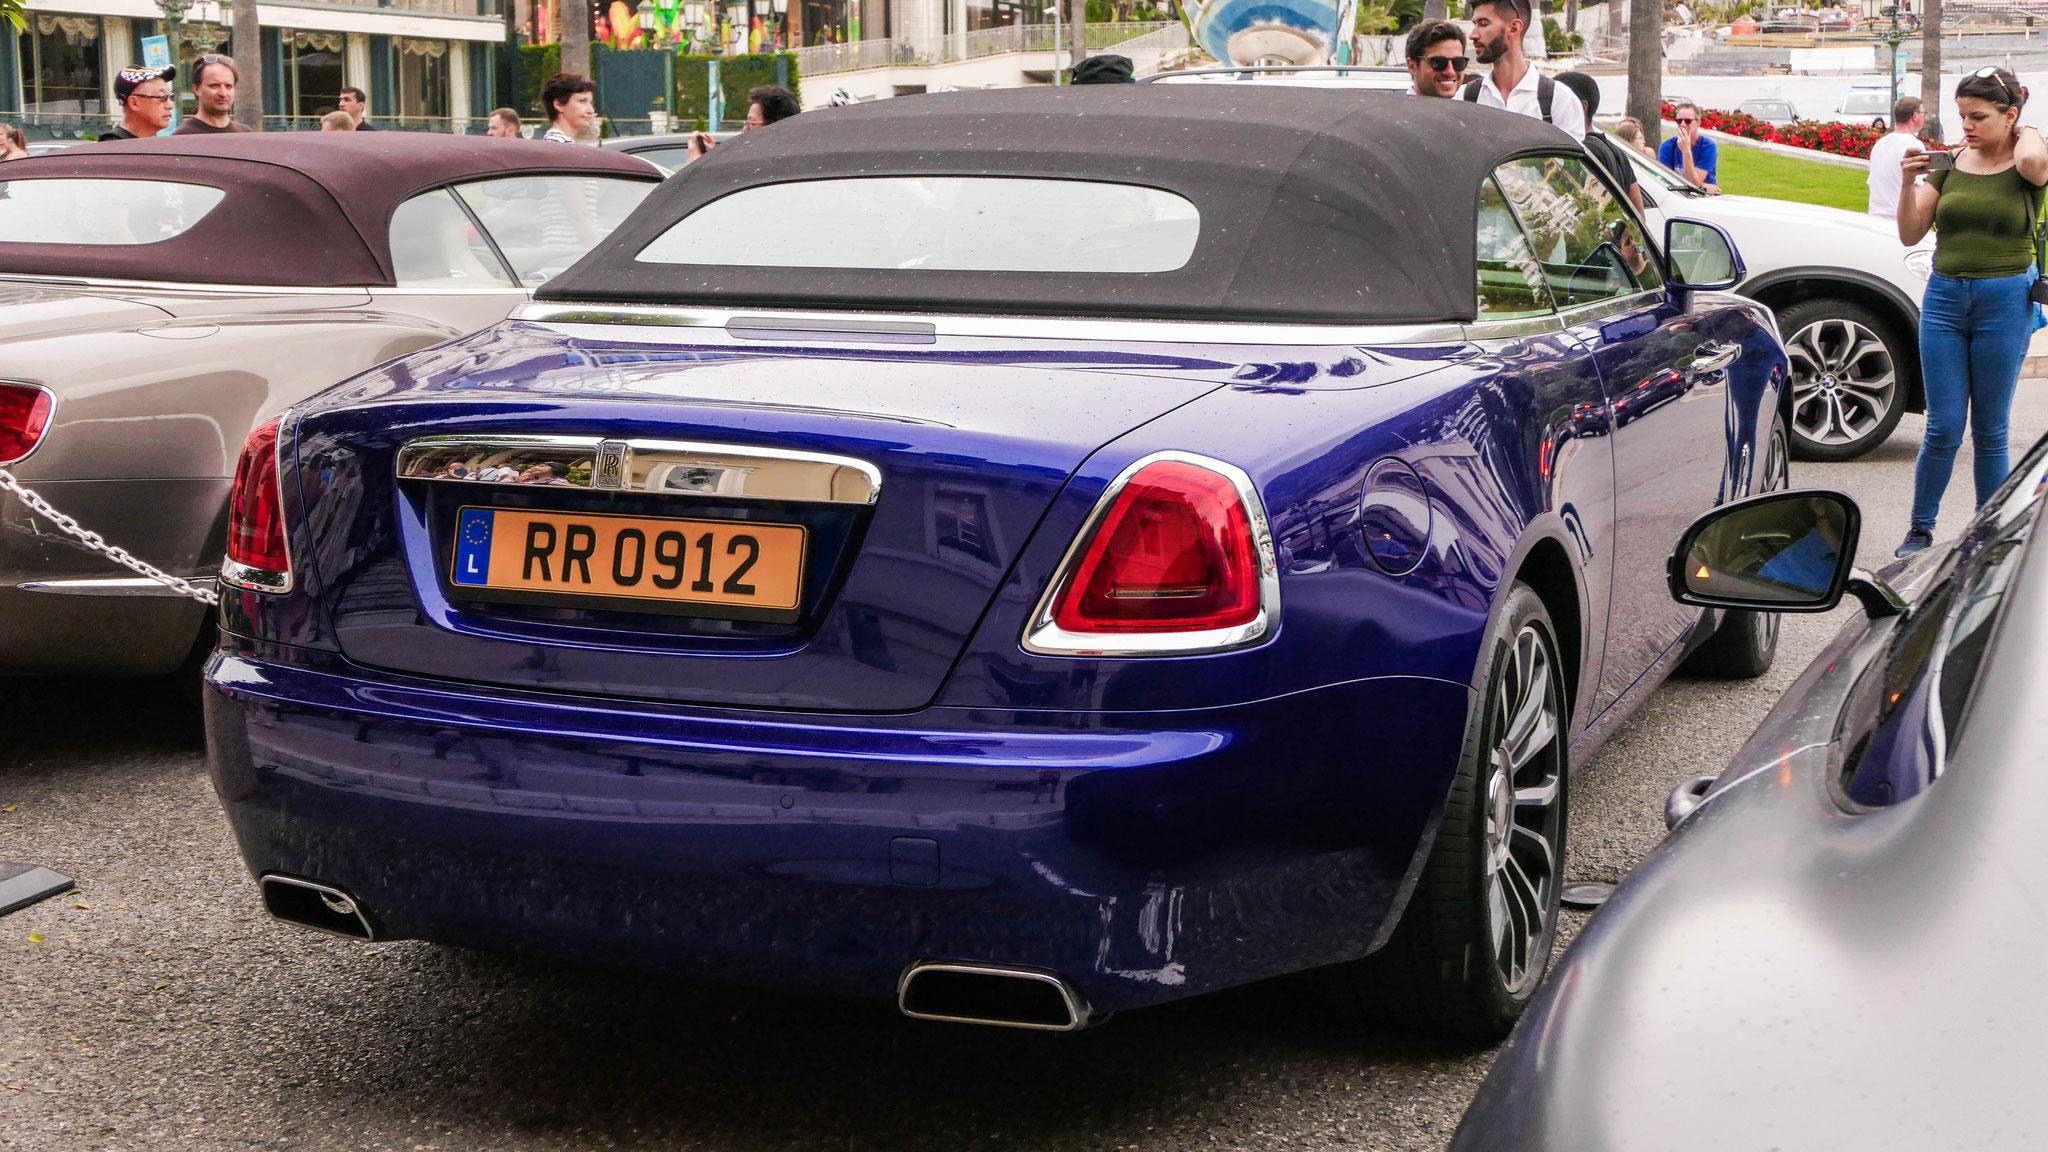 Rolls Royce Dawn - RR-0912 (LUC)